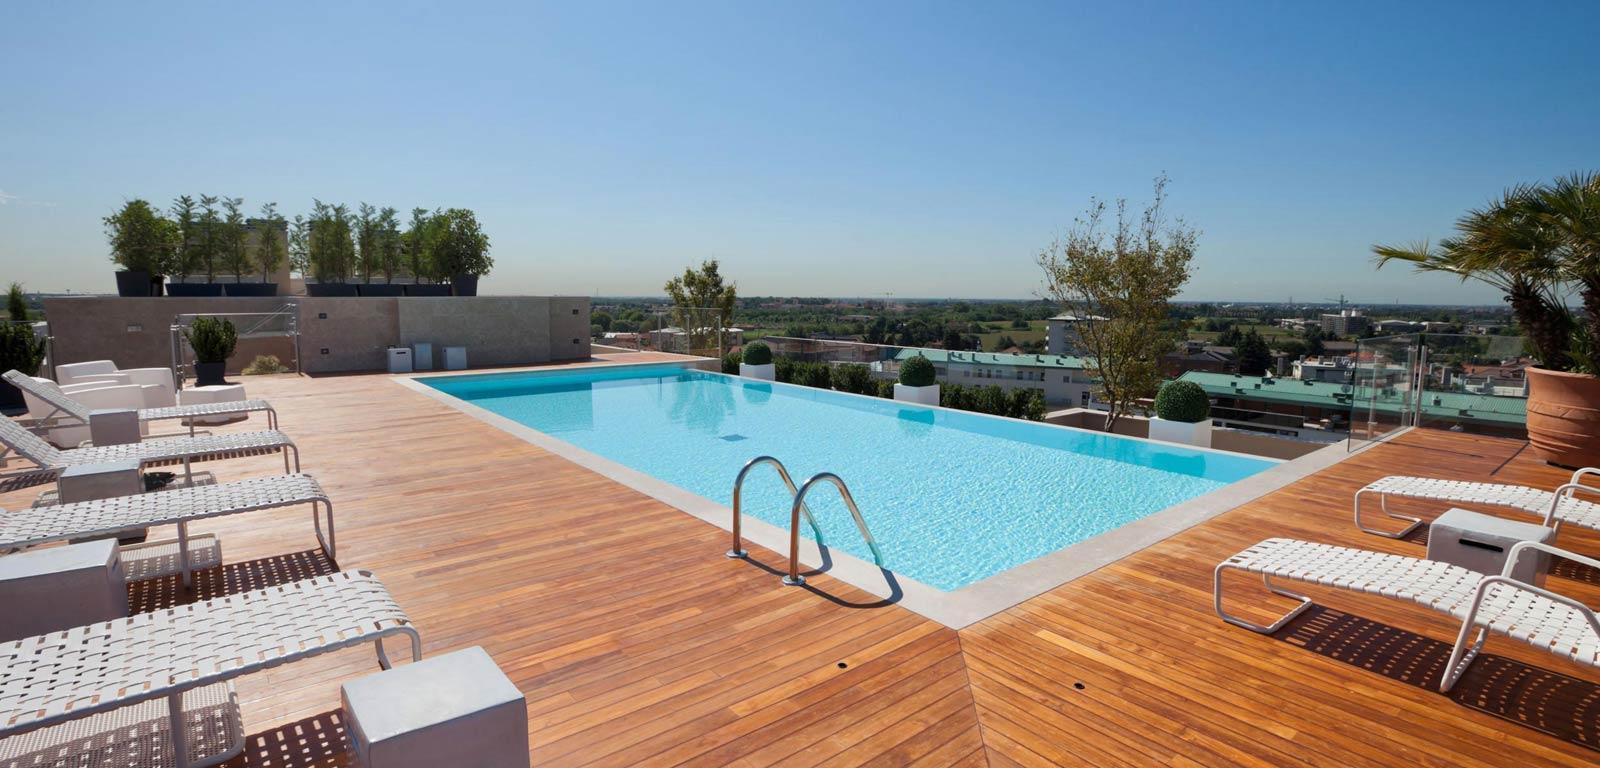 Piscine per terrazzo rendi unico il tuo attico piscine for Case con piscine